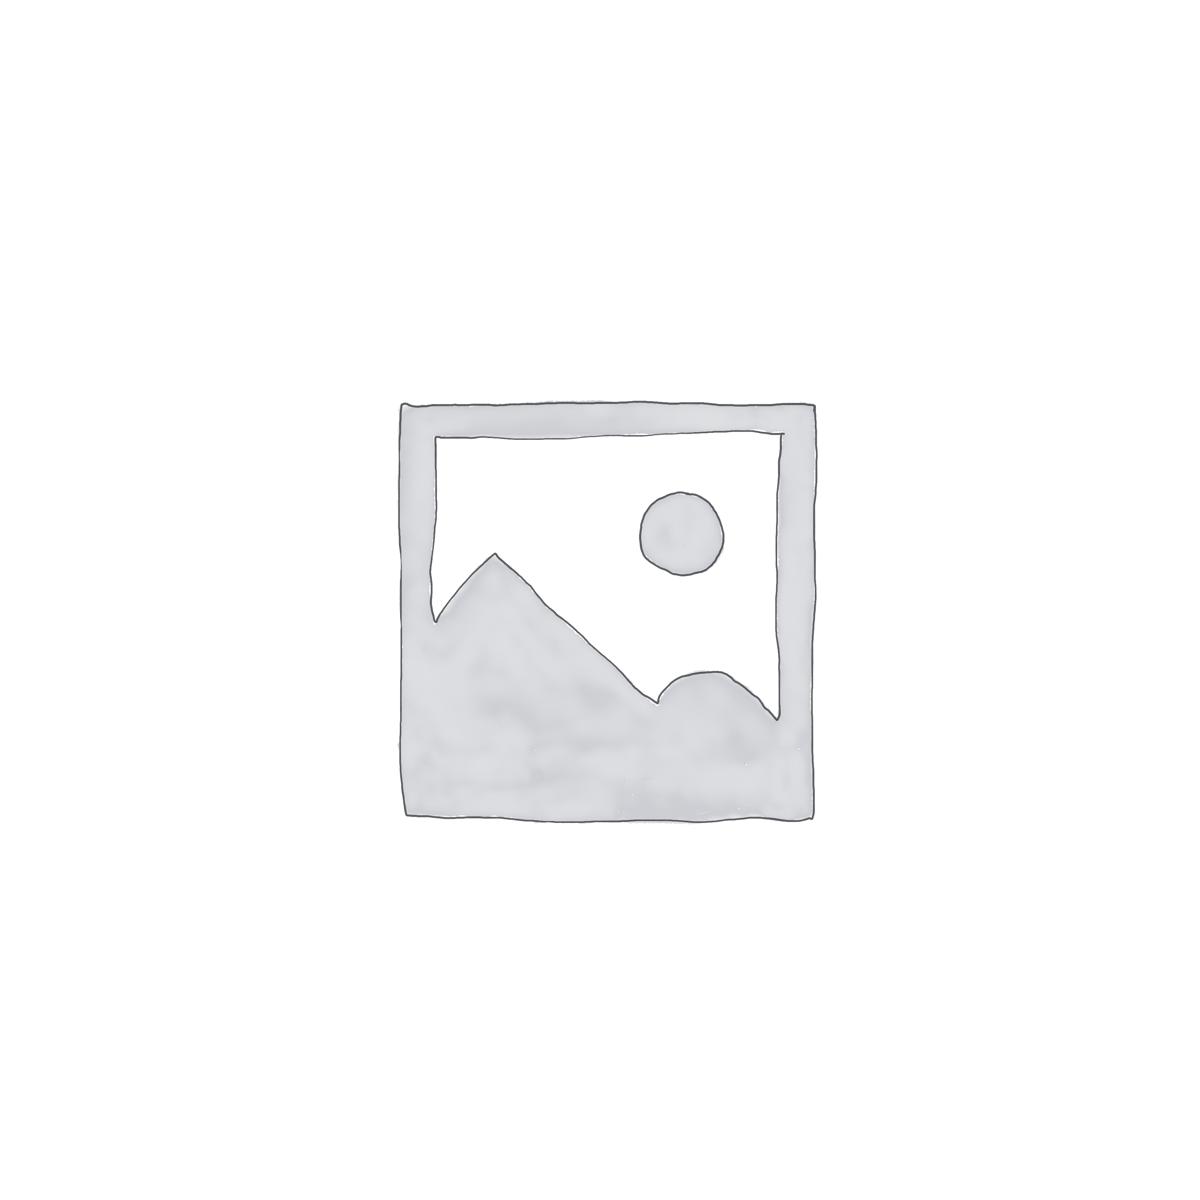 Powder Pink Flamingo Wallpaper Mural